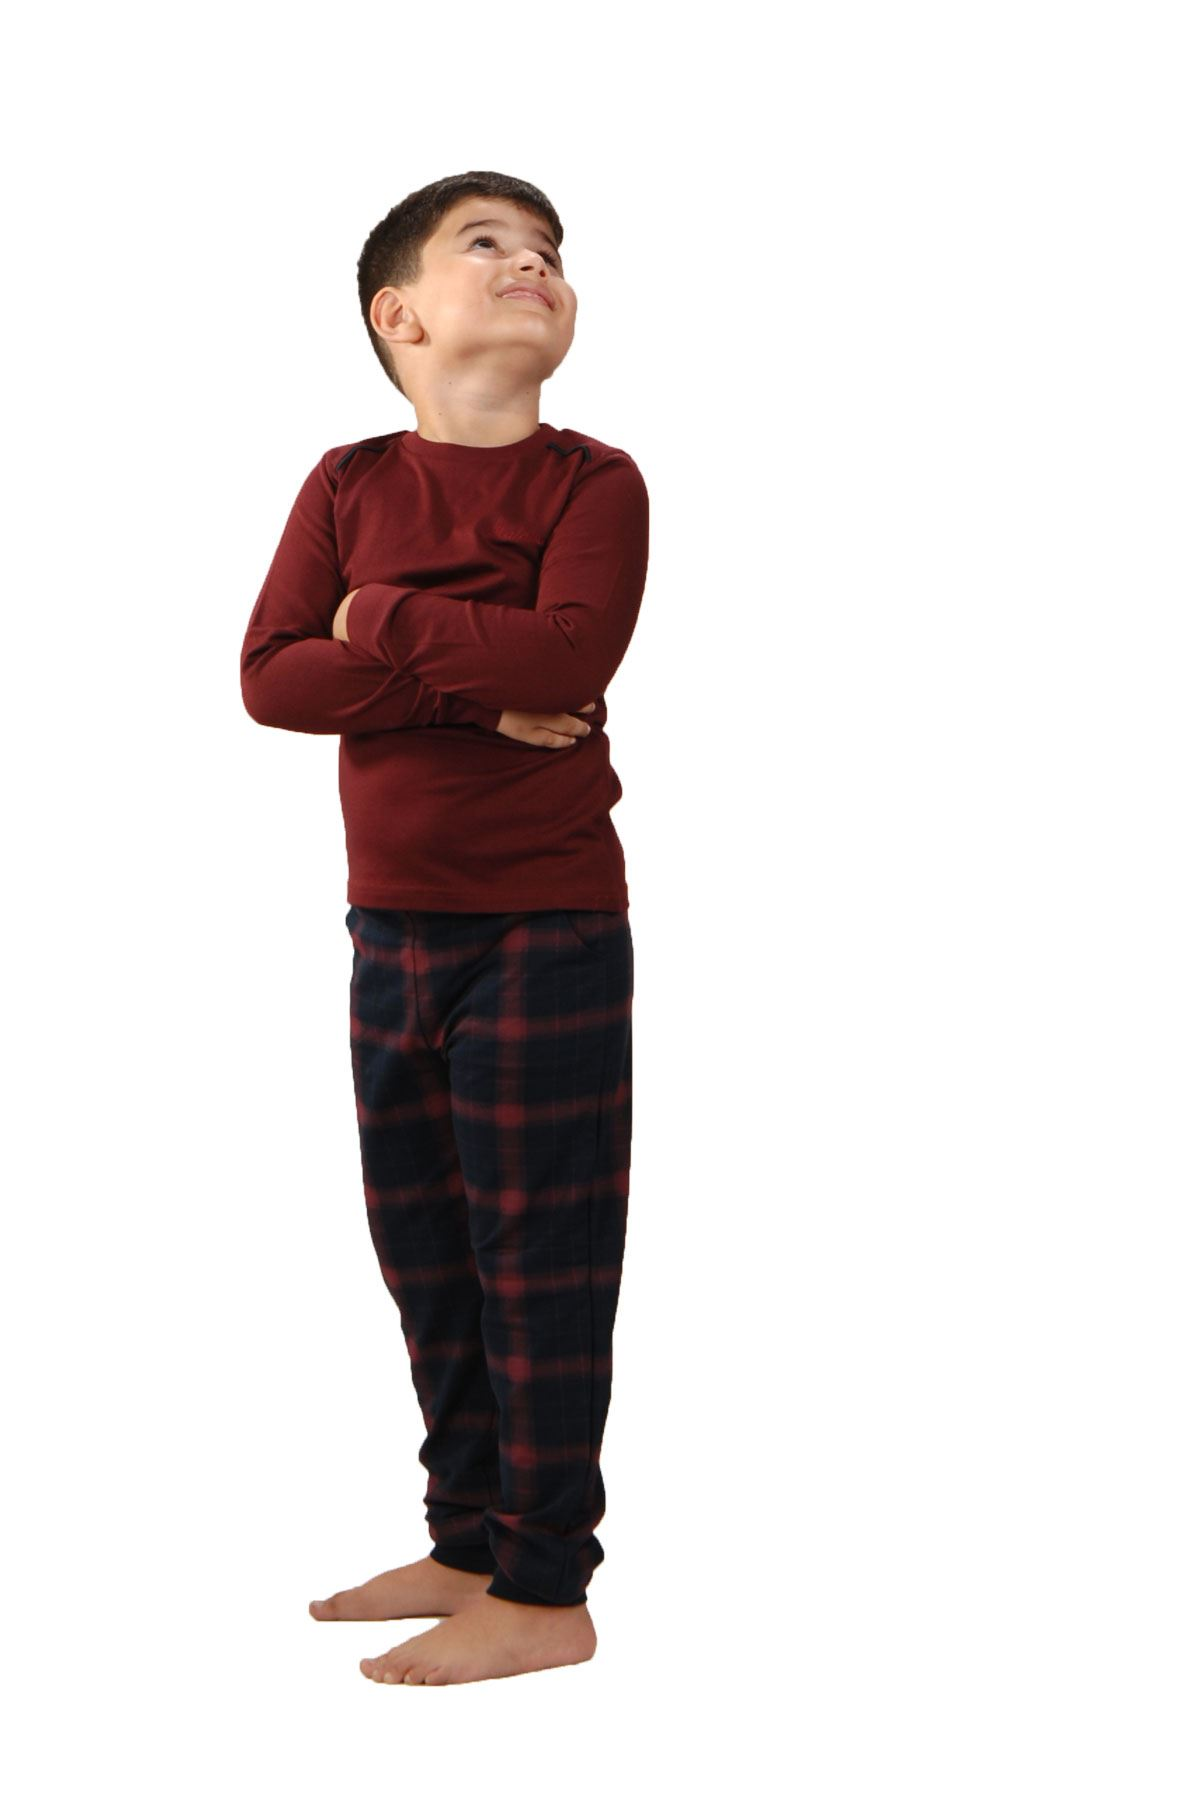 Bordo Ekoseli Erkek Çocuk Pijama Takımı Kışlık Uzun Kollu Pijama 3002